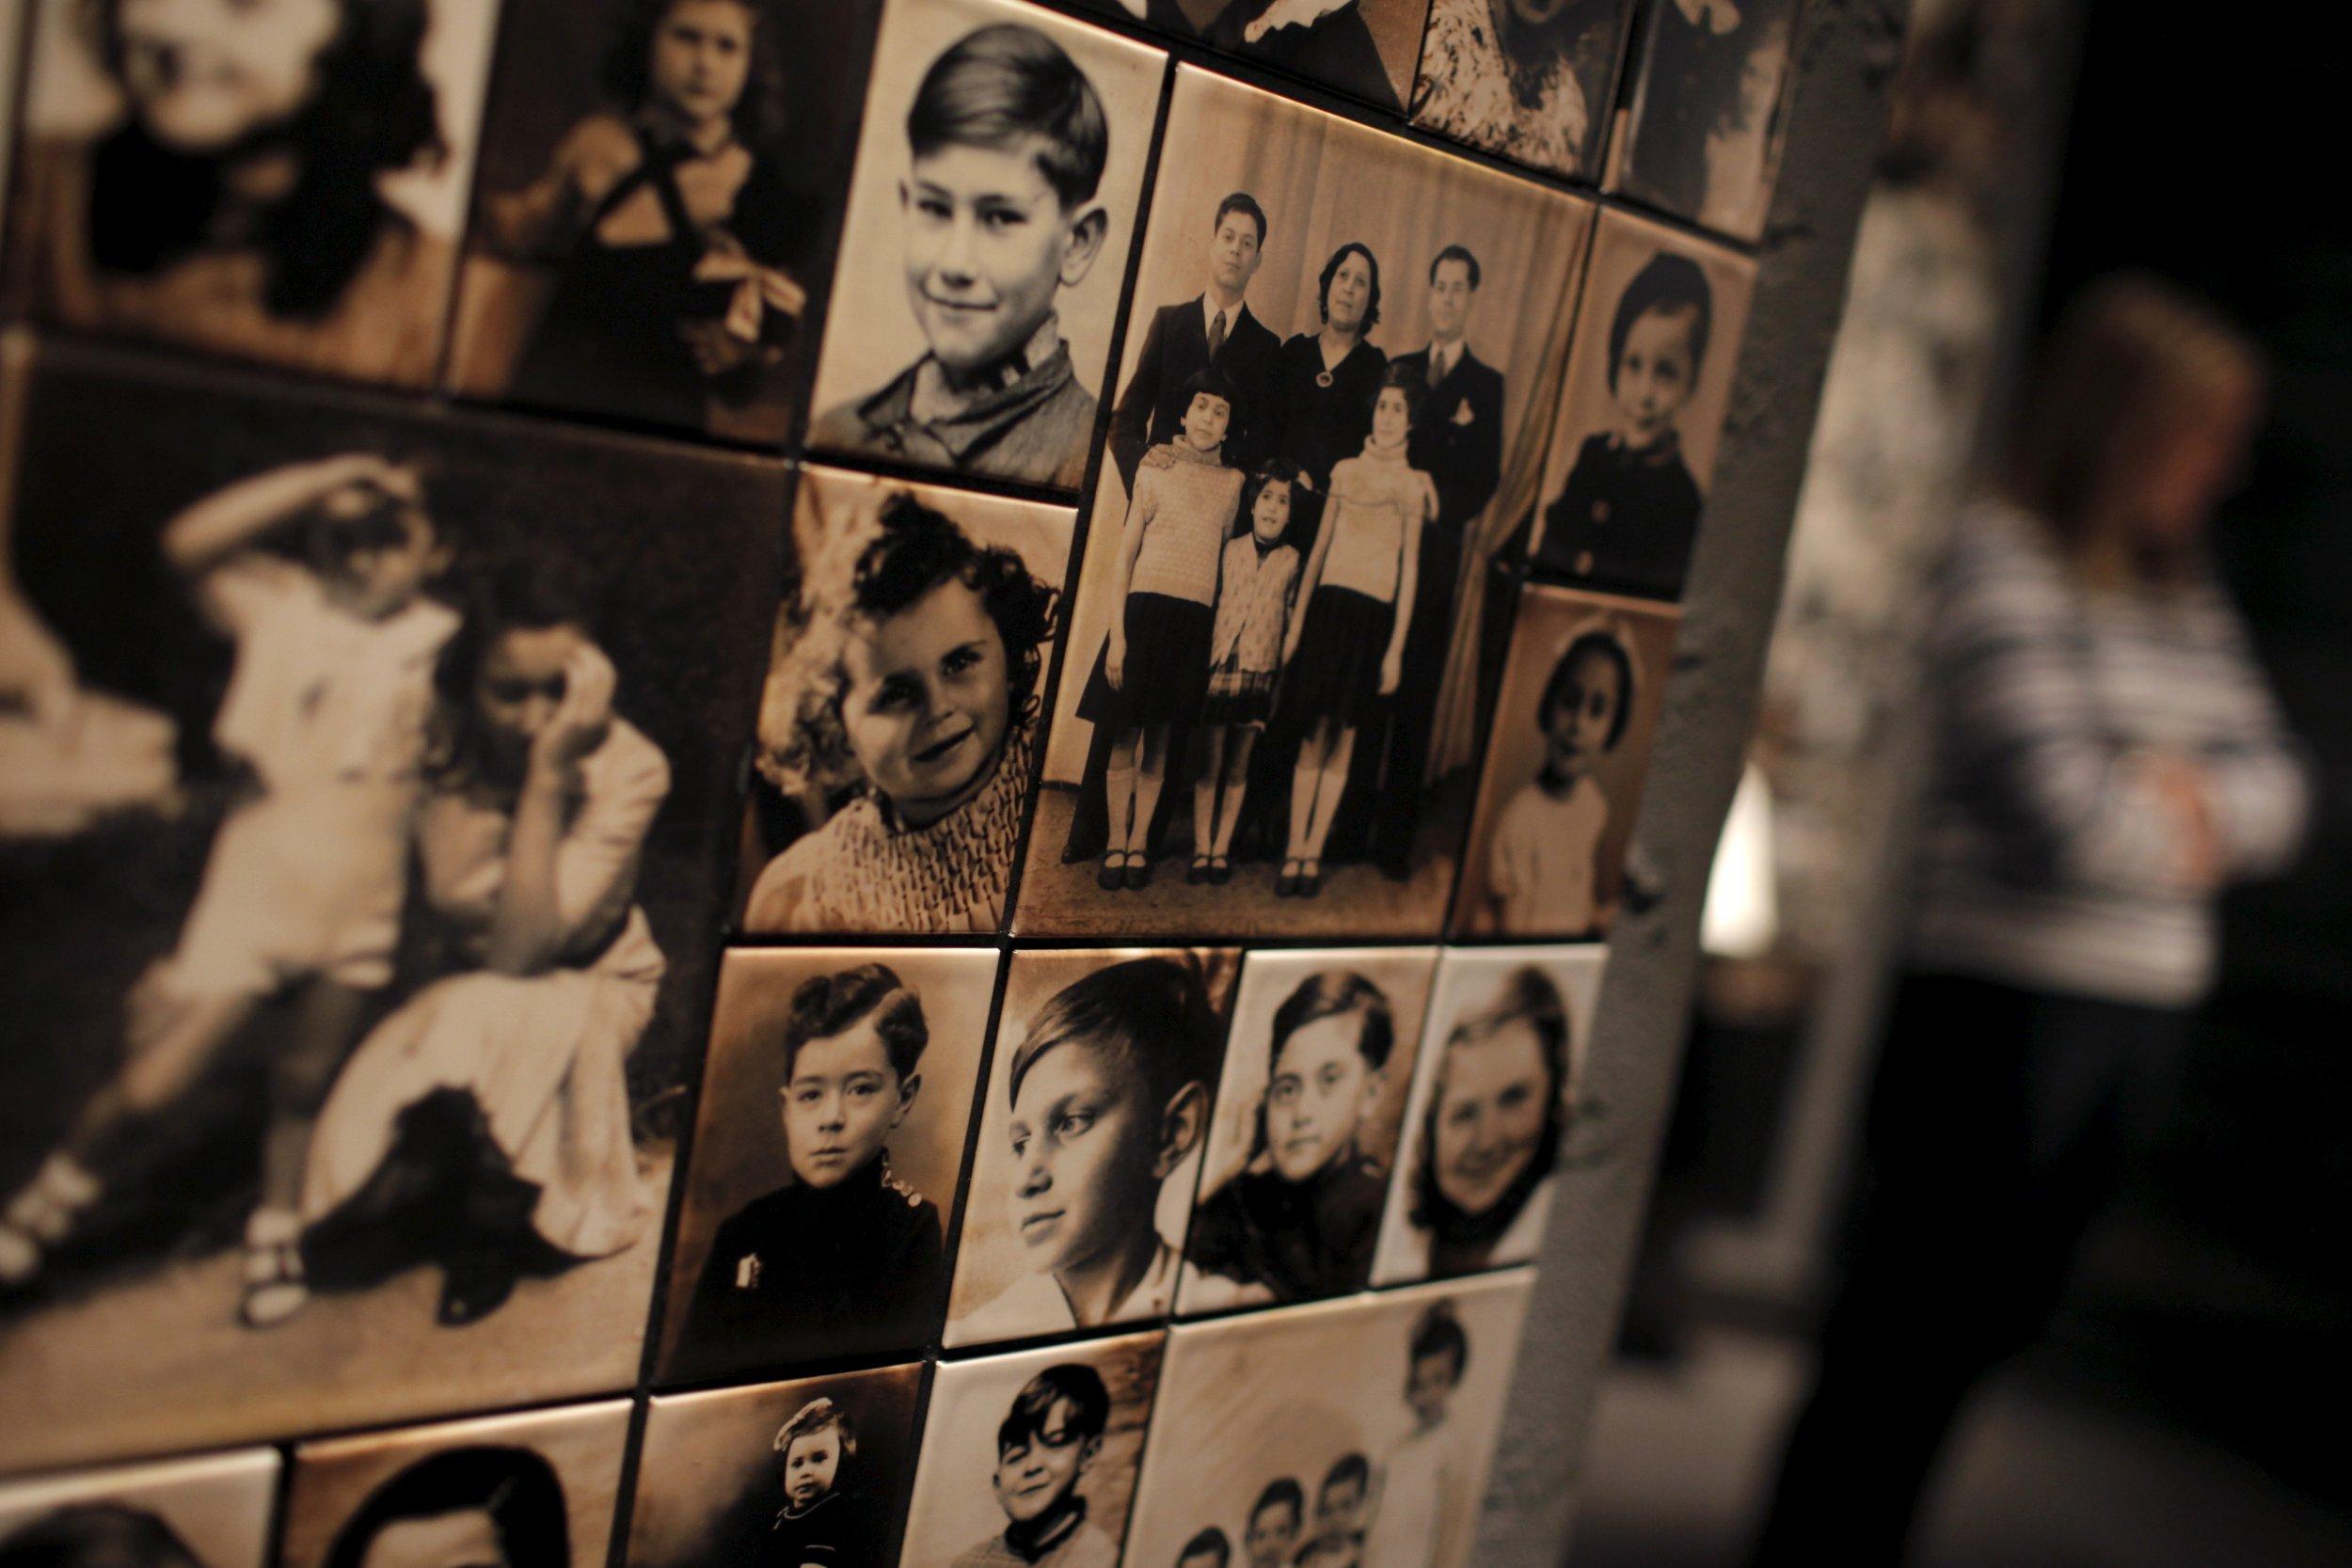 6-19-16 Holocaust